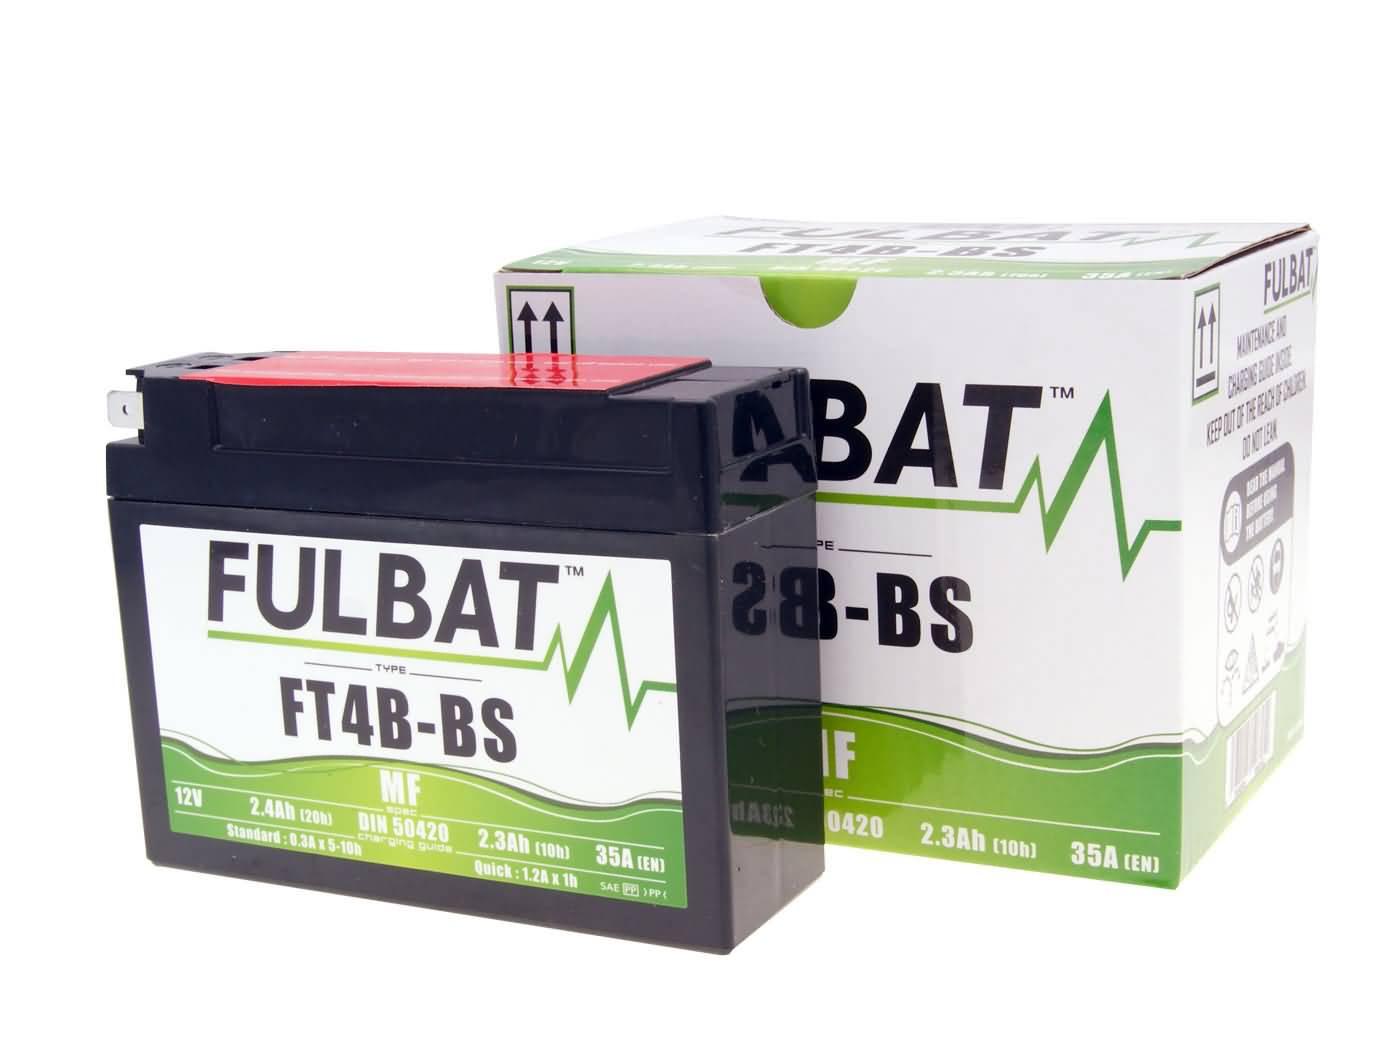 Fulbat FT4B-BS MF gondozásmentes akkumulátor